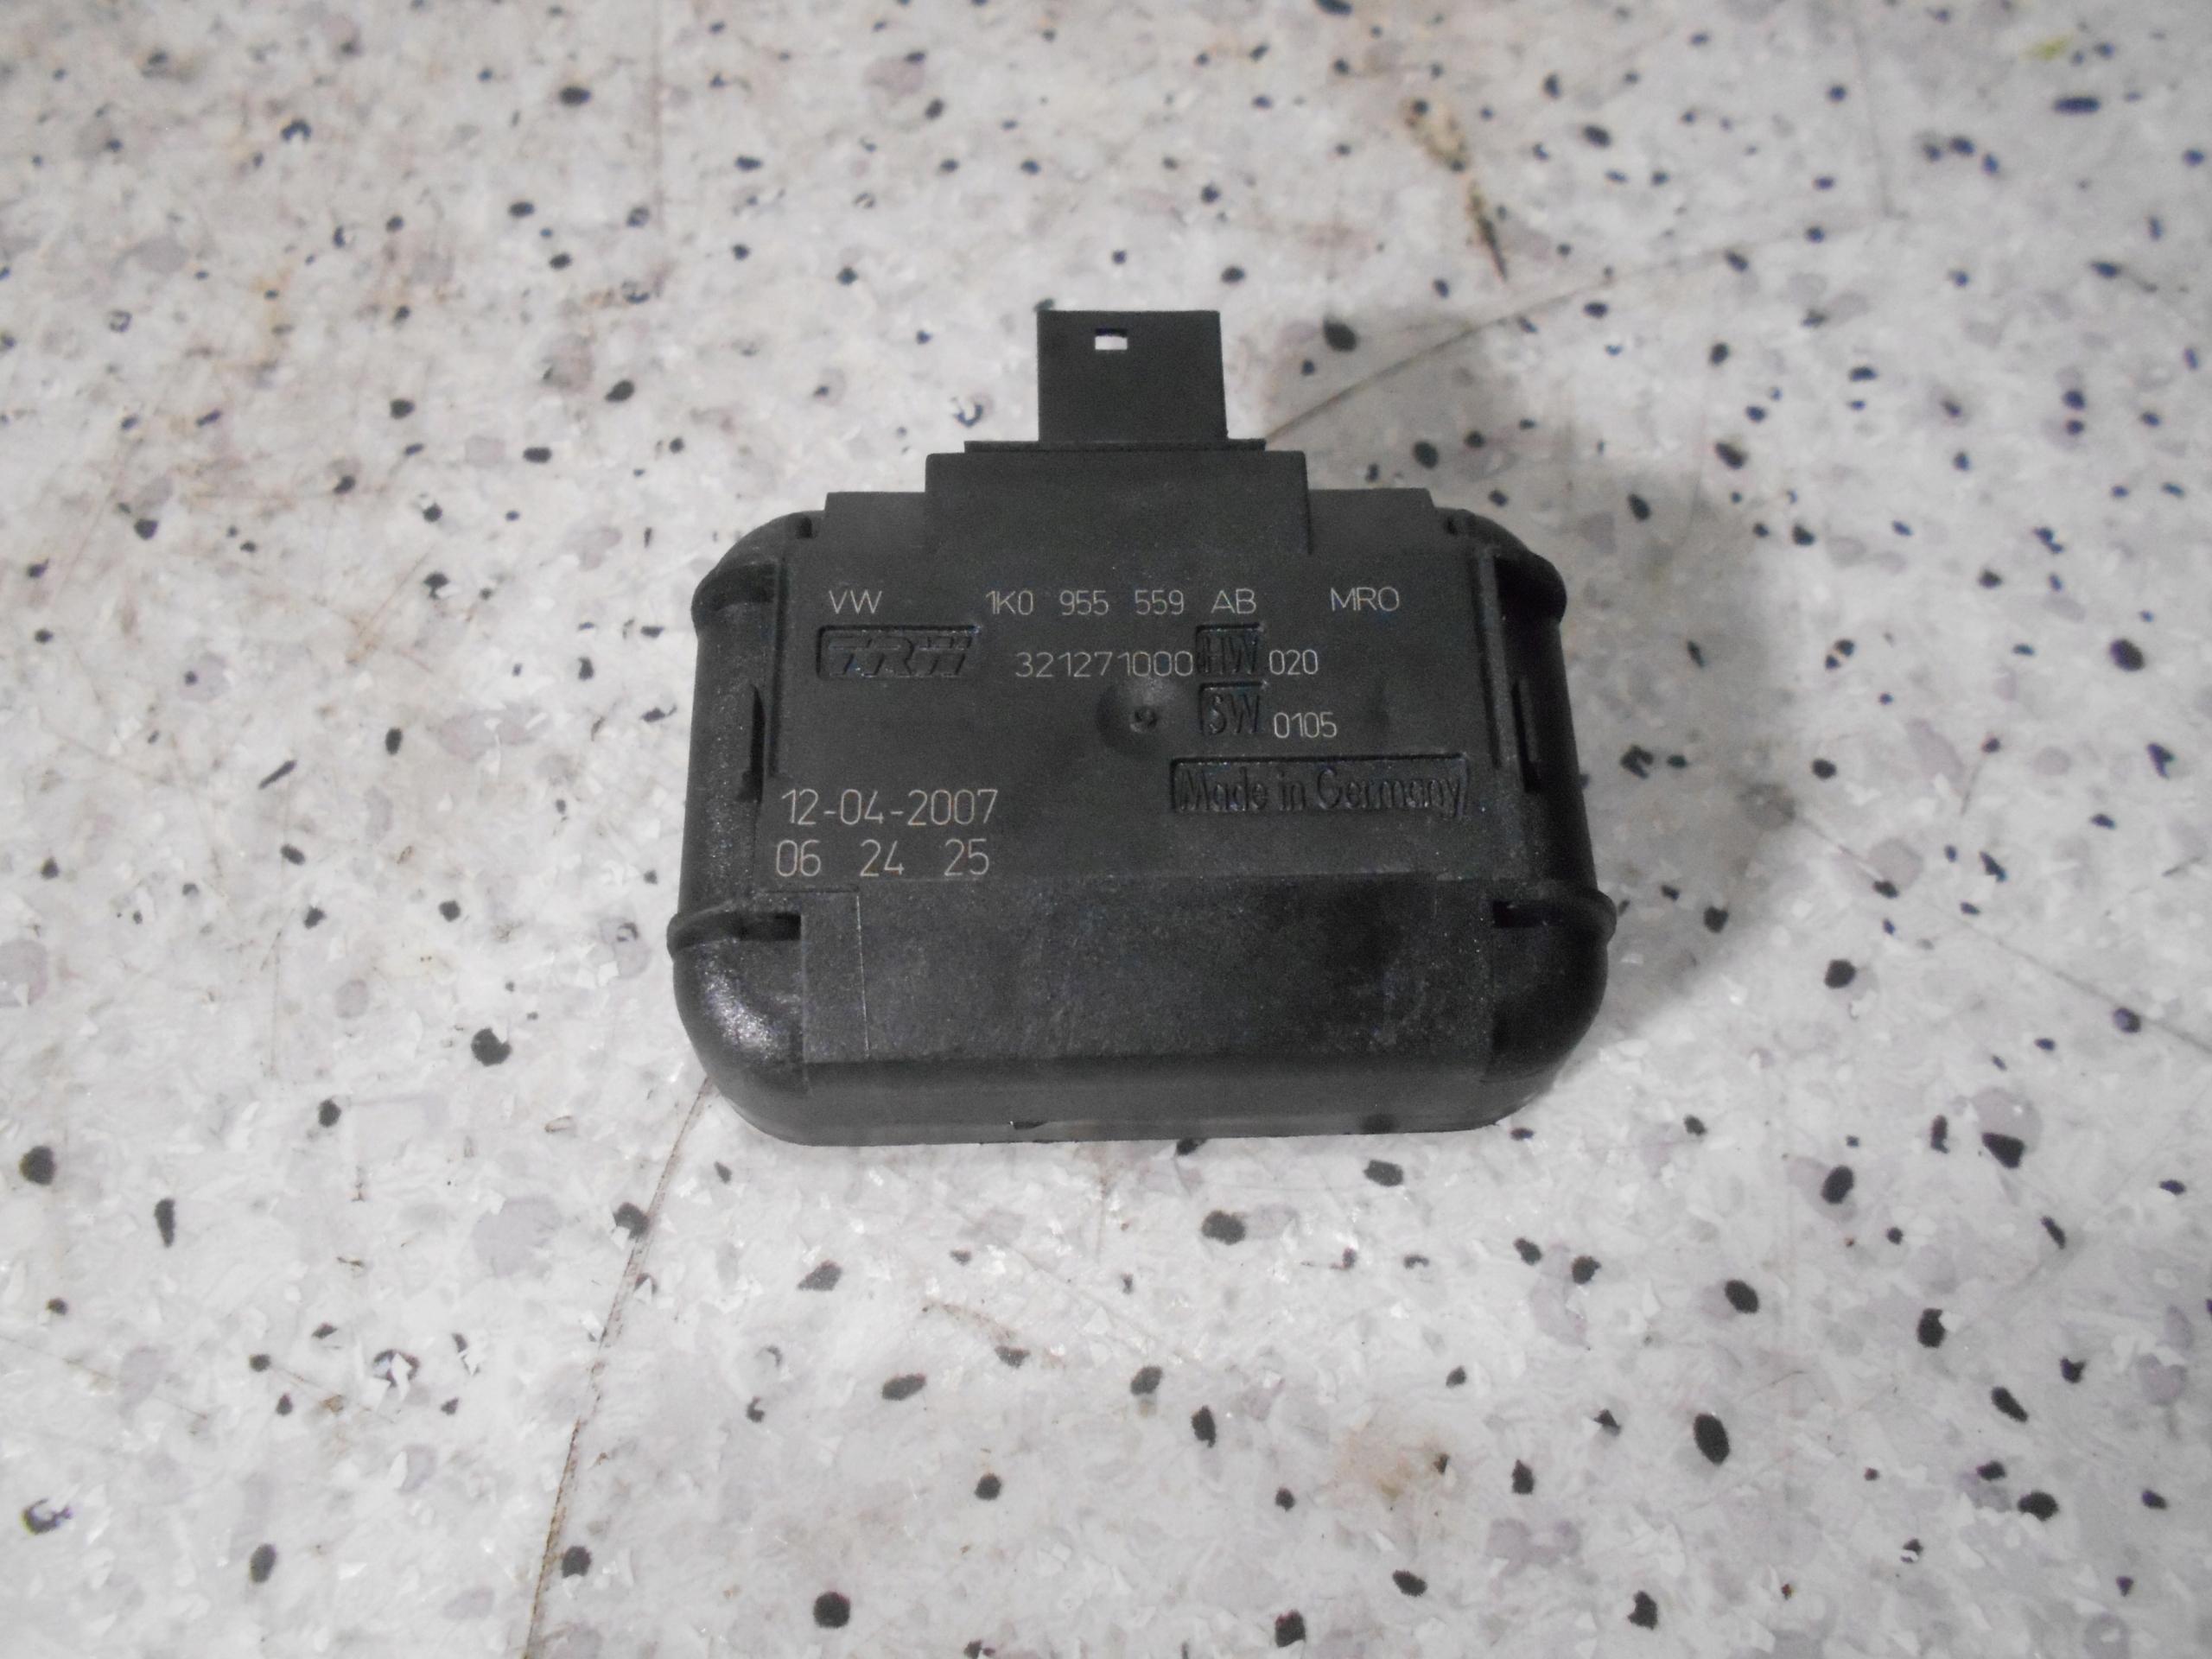 CZUJNIK SENSOR DESZCZU VW PASSAT B6 1K0955559AB